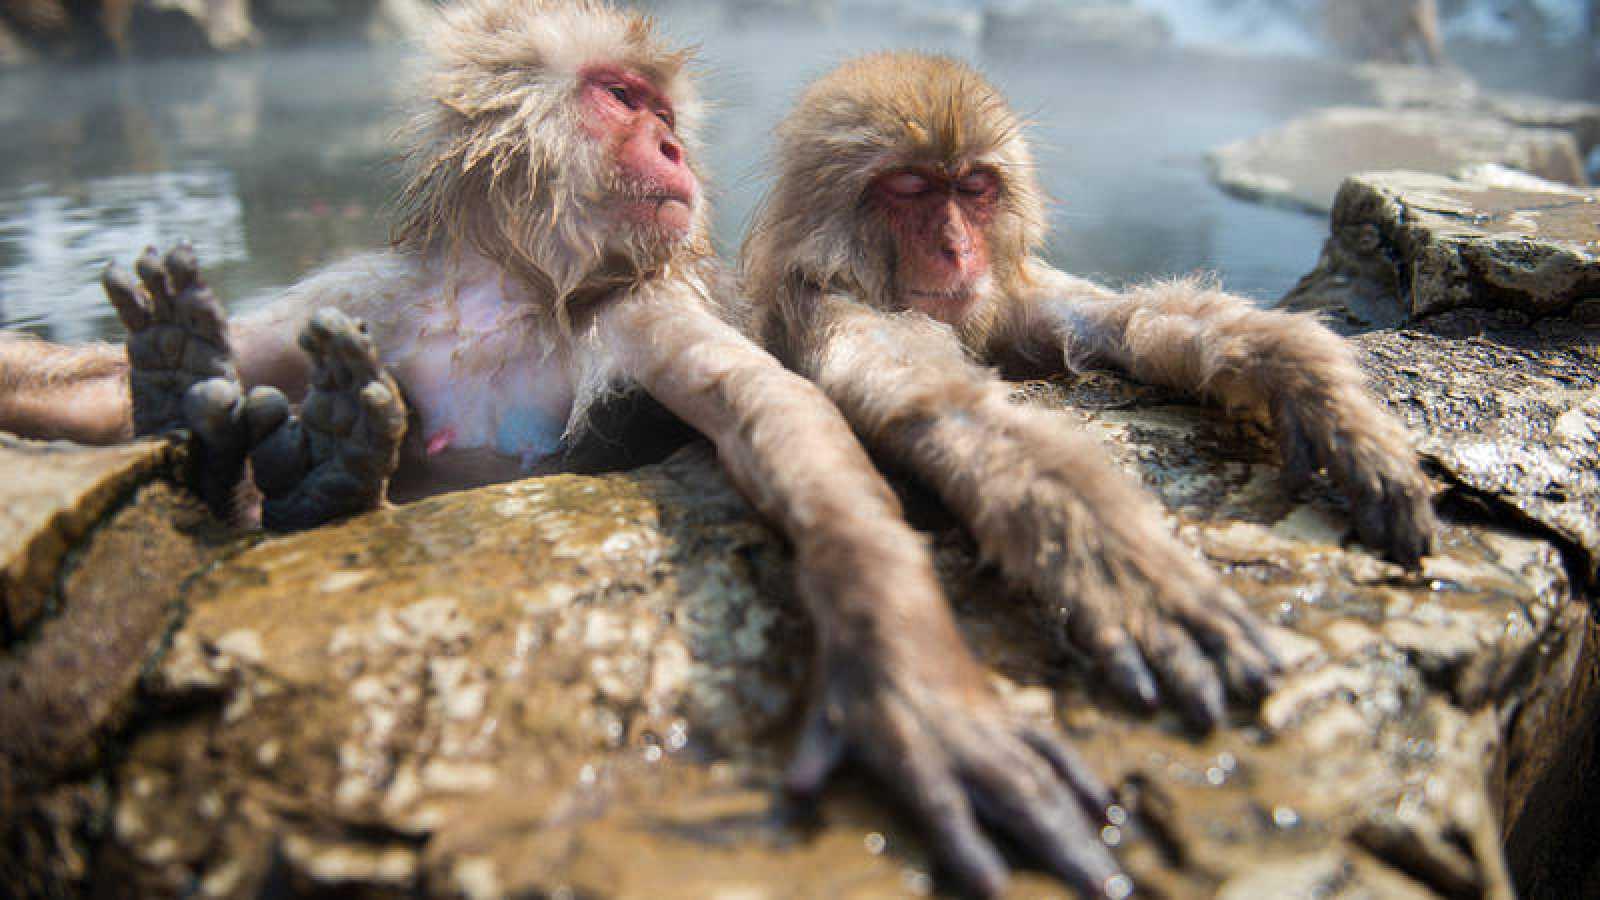 Los Populares Monos De Nieve Japoneses Utilizan Las Aguas Termales